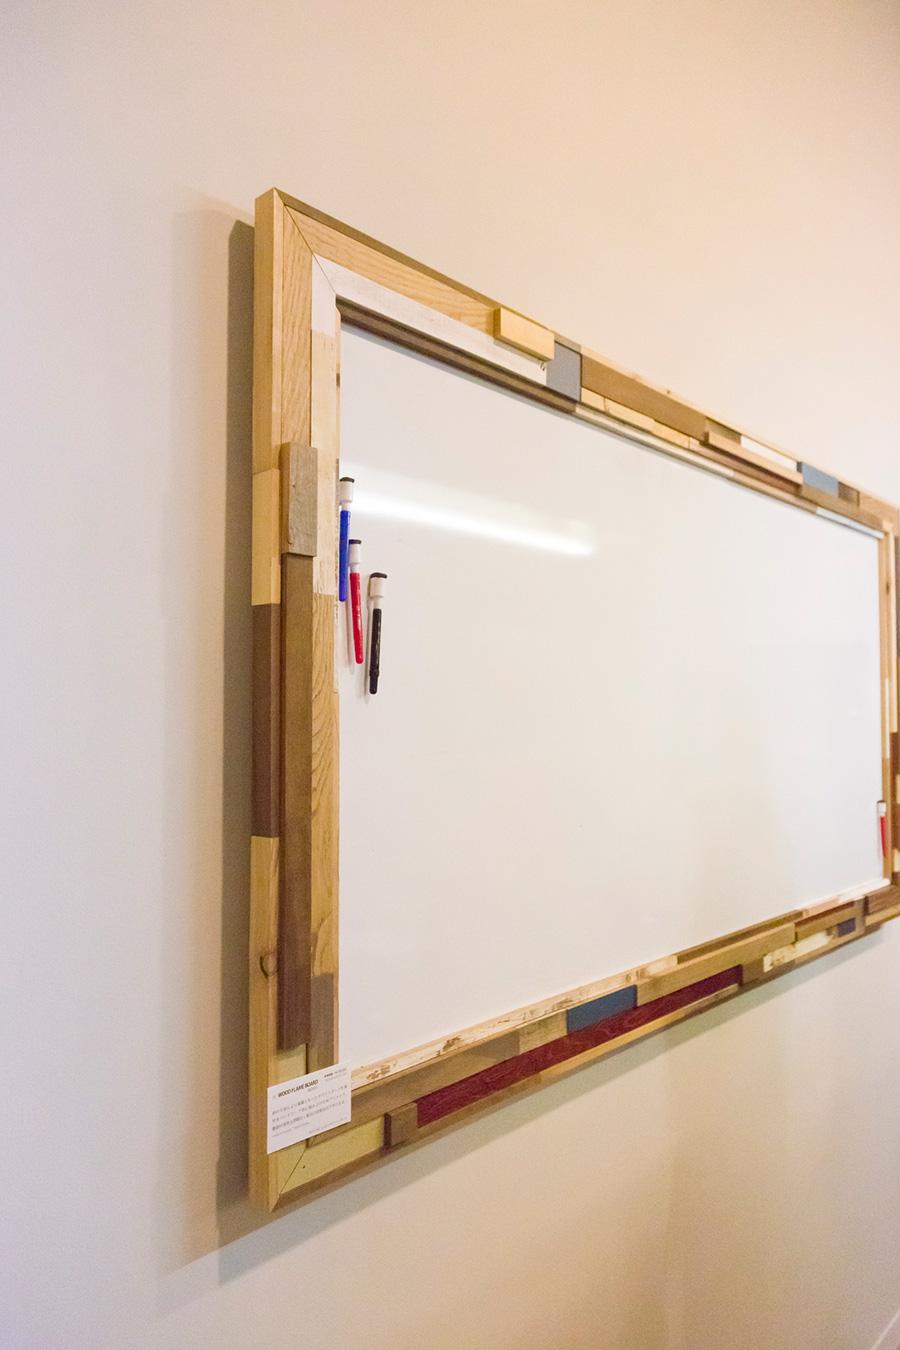 〈WOOD FLAME BOARD〉 ボード面そのものはまったく問題がないホワイトボードに木枠をつけてリメイク。